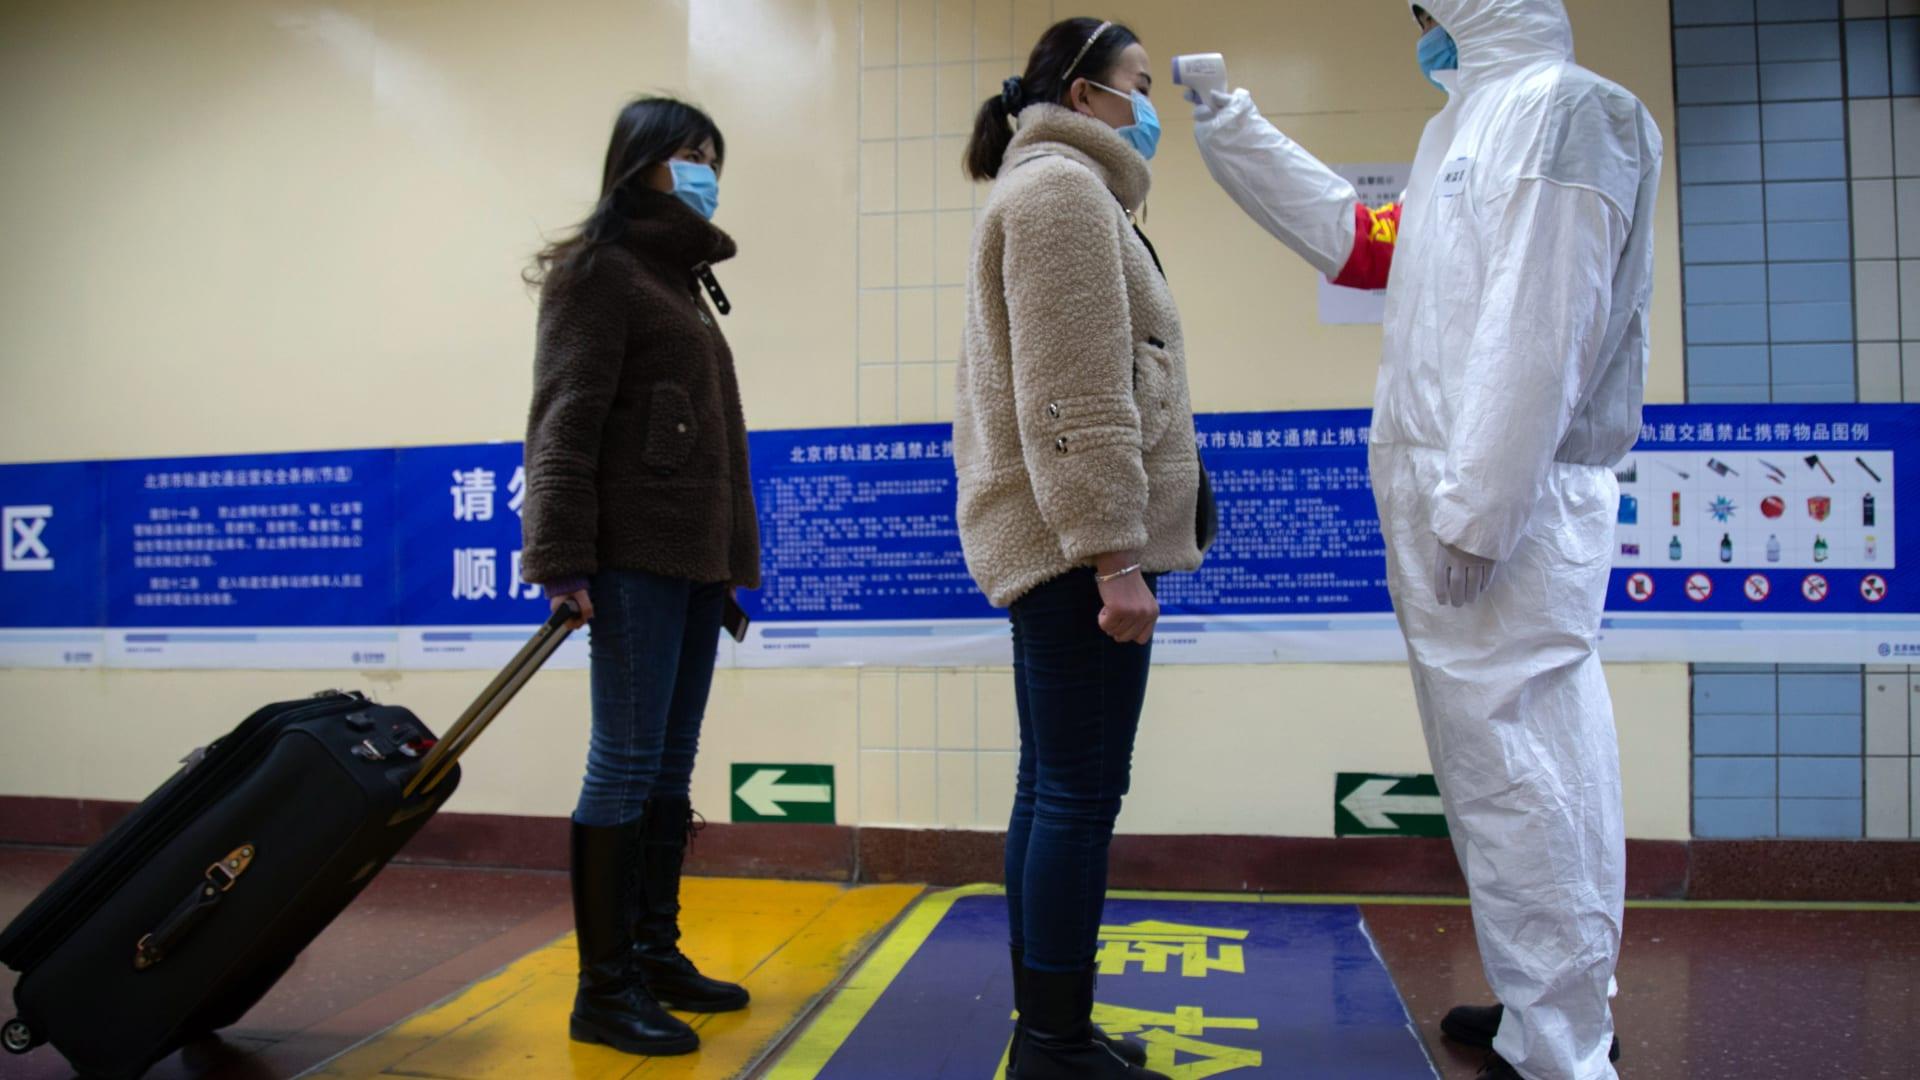 روسيا توفر أول لقاح مضاد لفيروس كورونا.. هل هو آمن؟